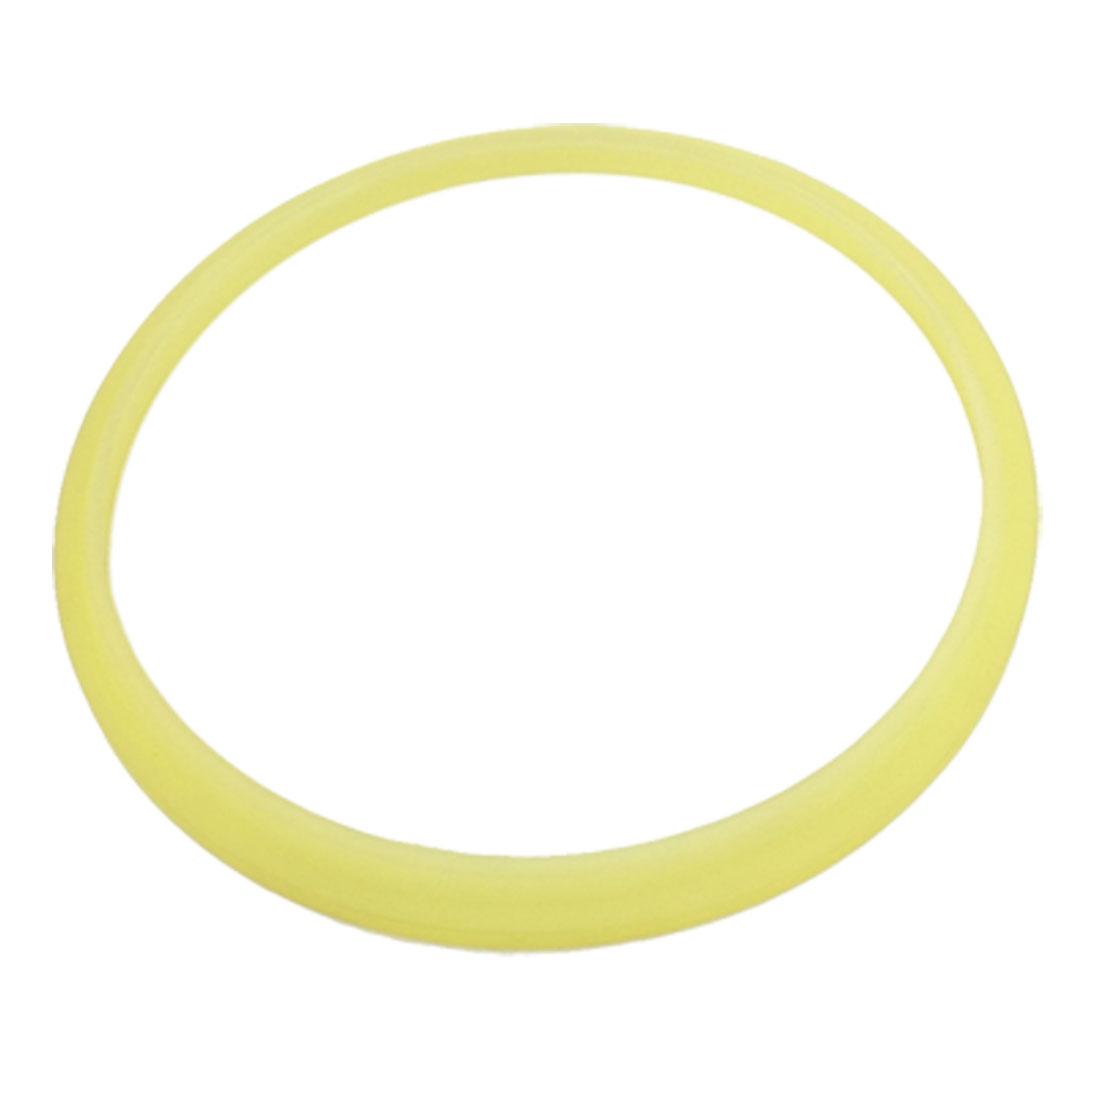 Air Cylinder 125mm x 140mm x 5mm x 10mm J Polyurethane Single Lip Dust Seal